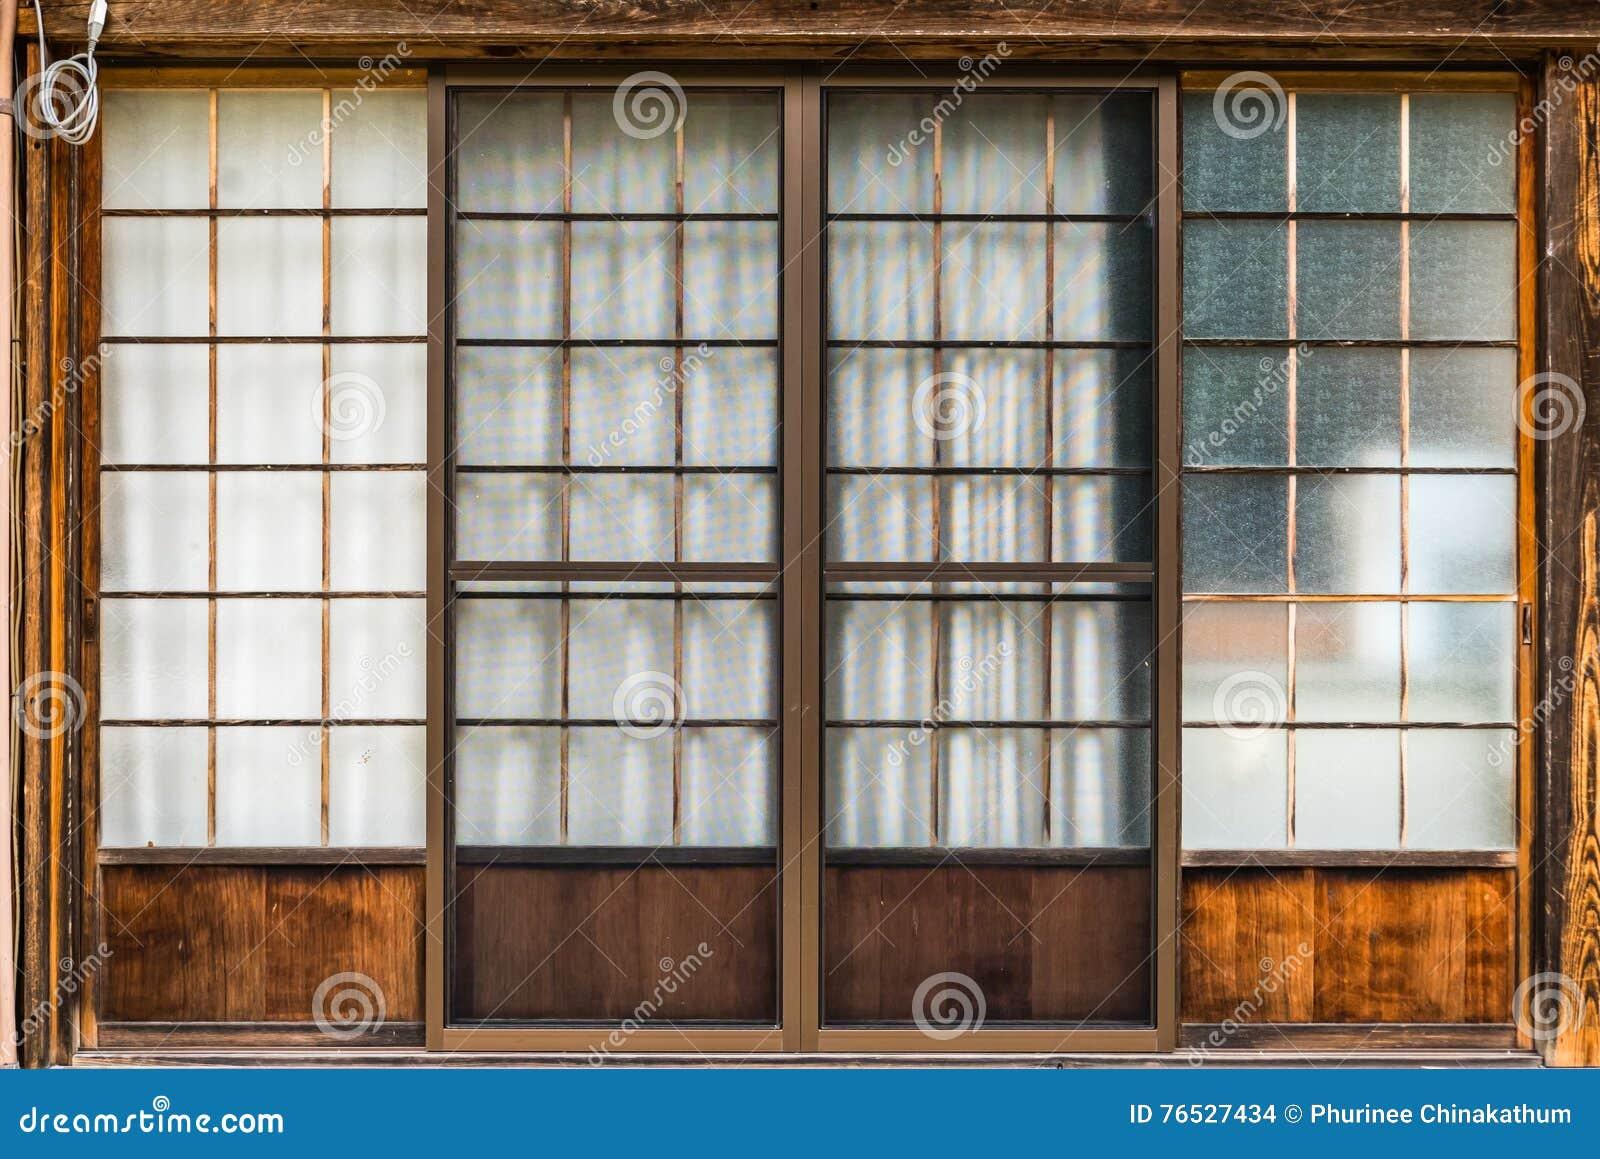 japanse deur